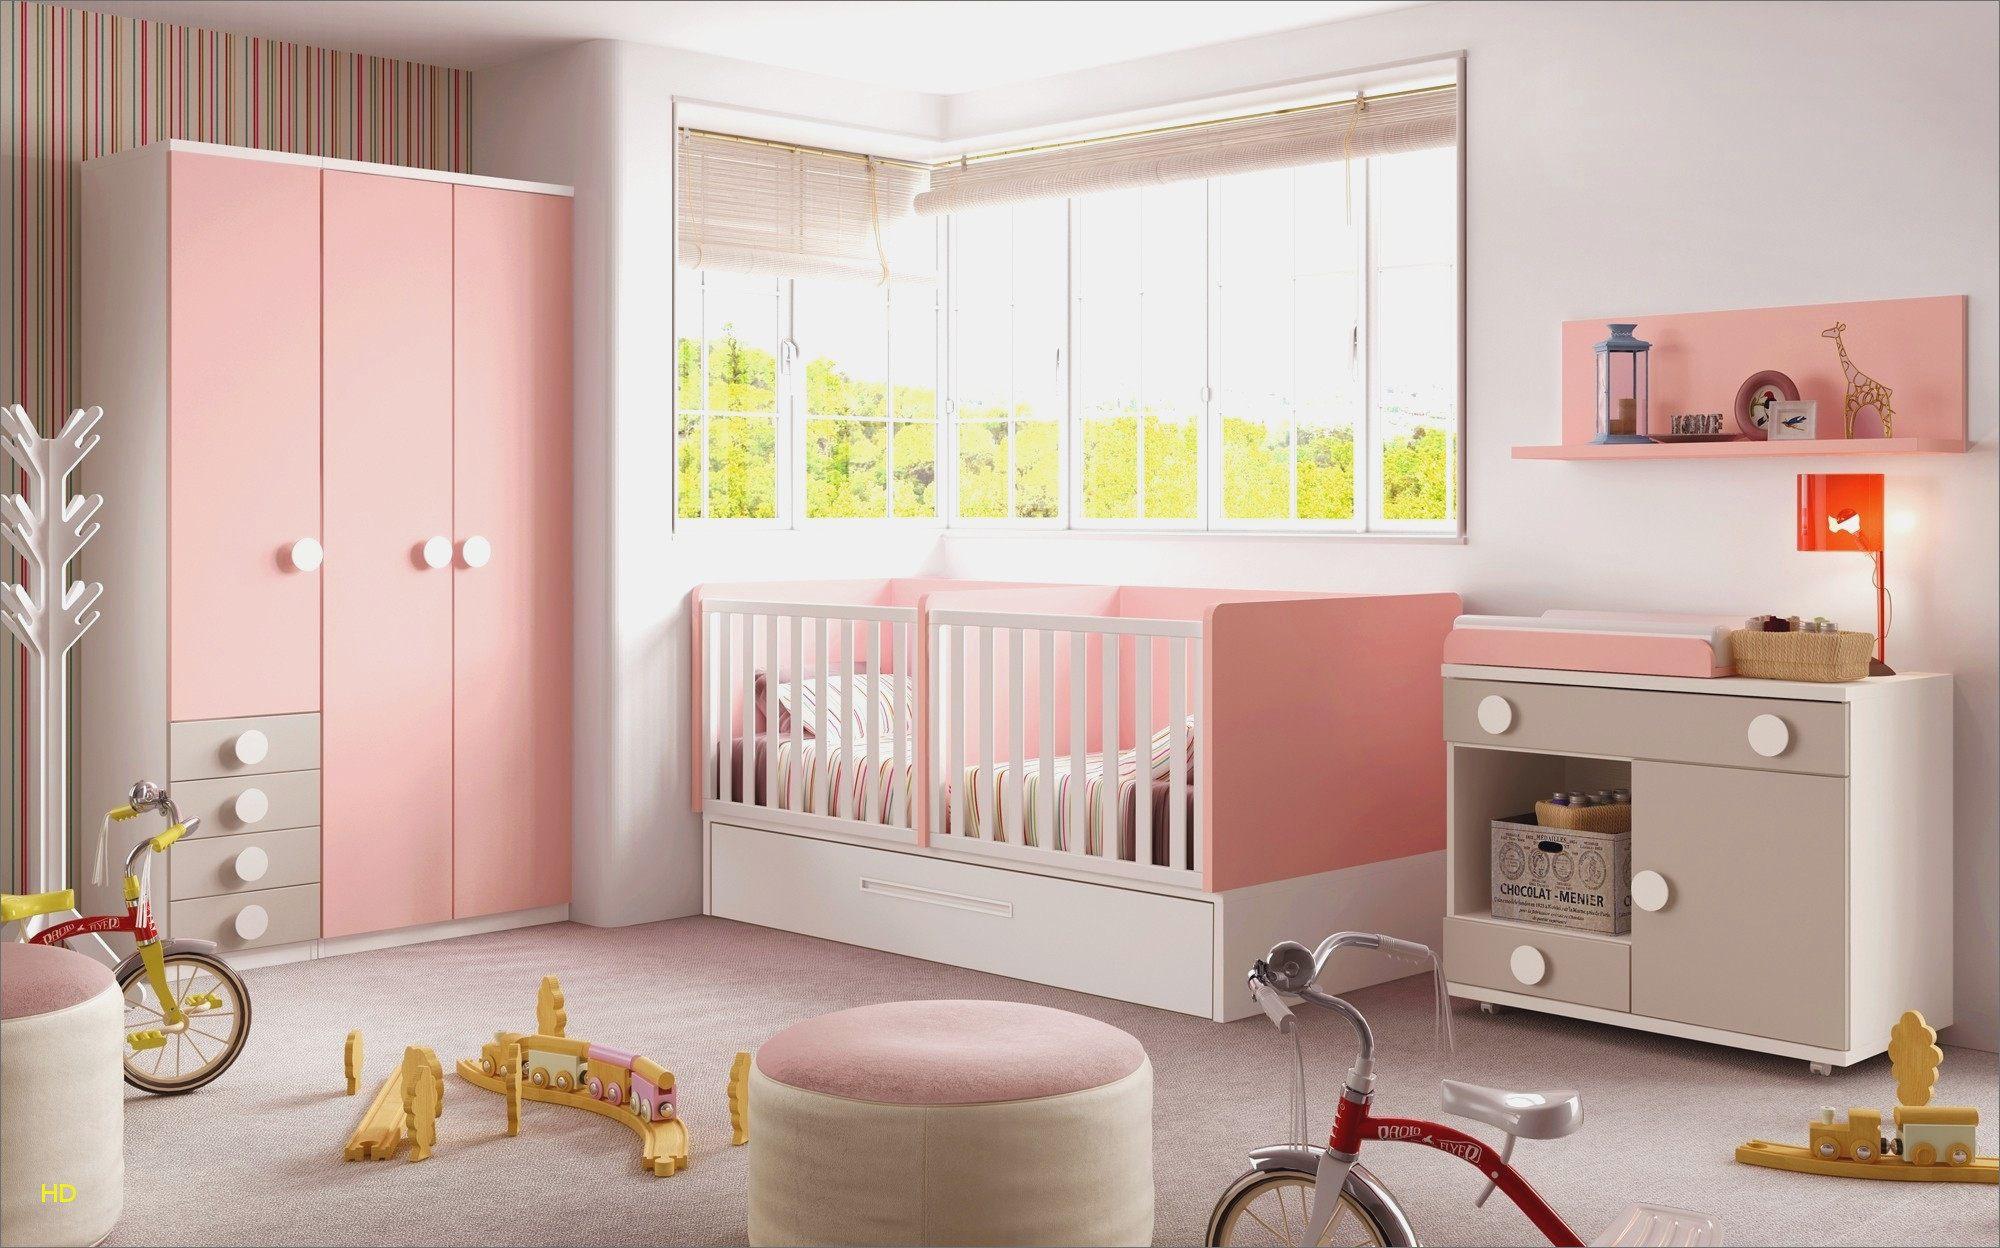 Lit Bébé Pliable Inspiré attrayant Chaise Bébé Design Ou Chambre Bébé Mickey Chaise Haute